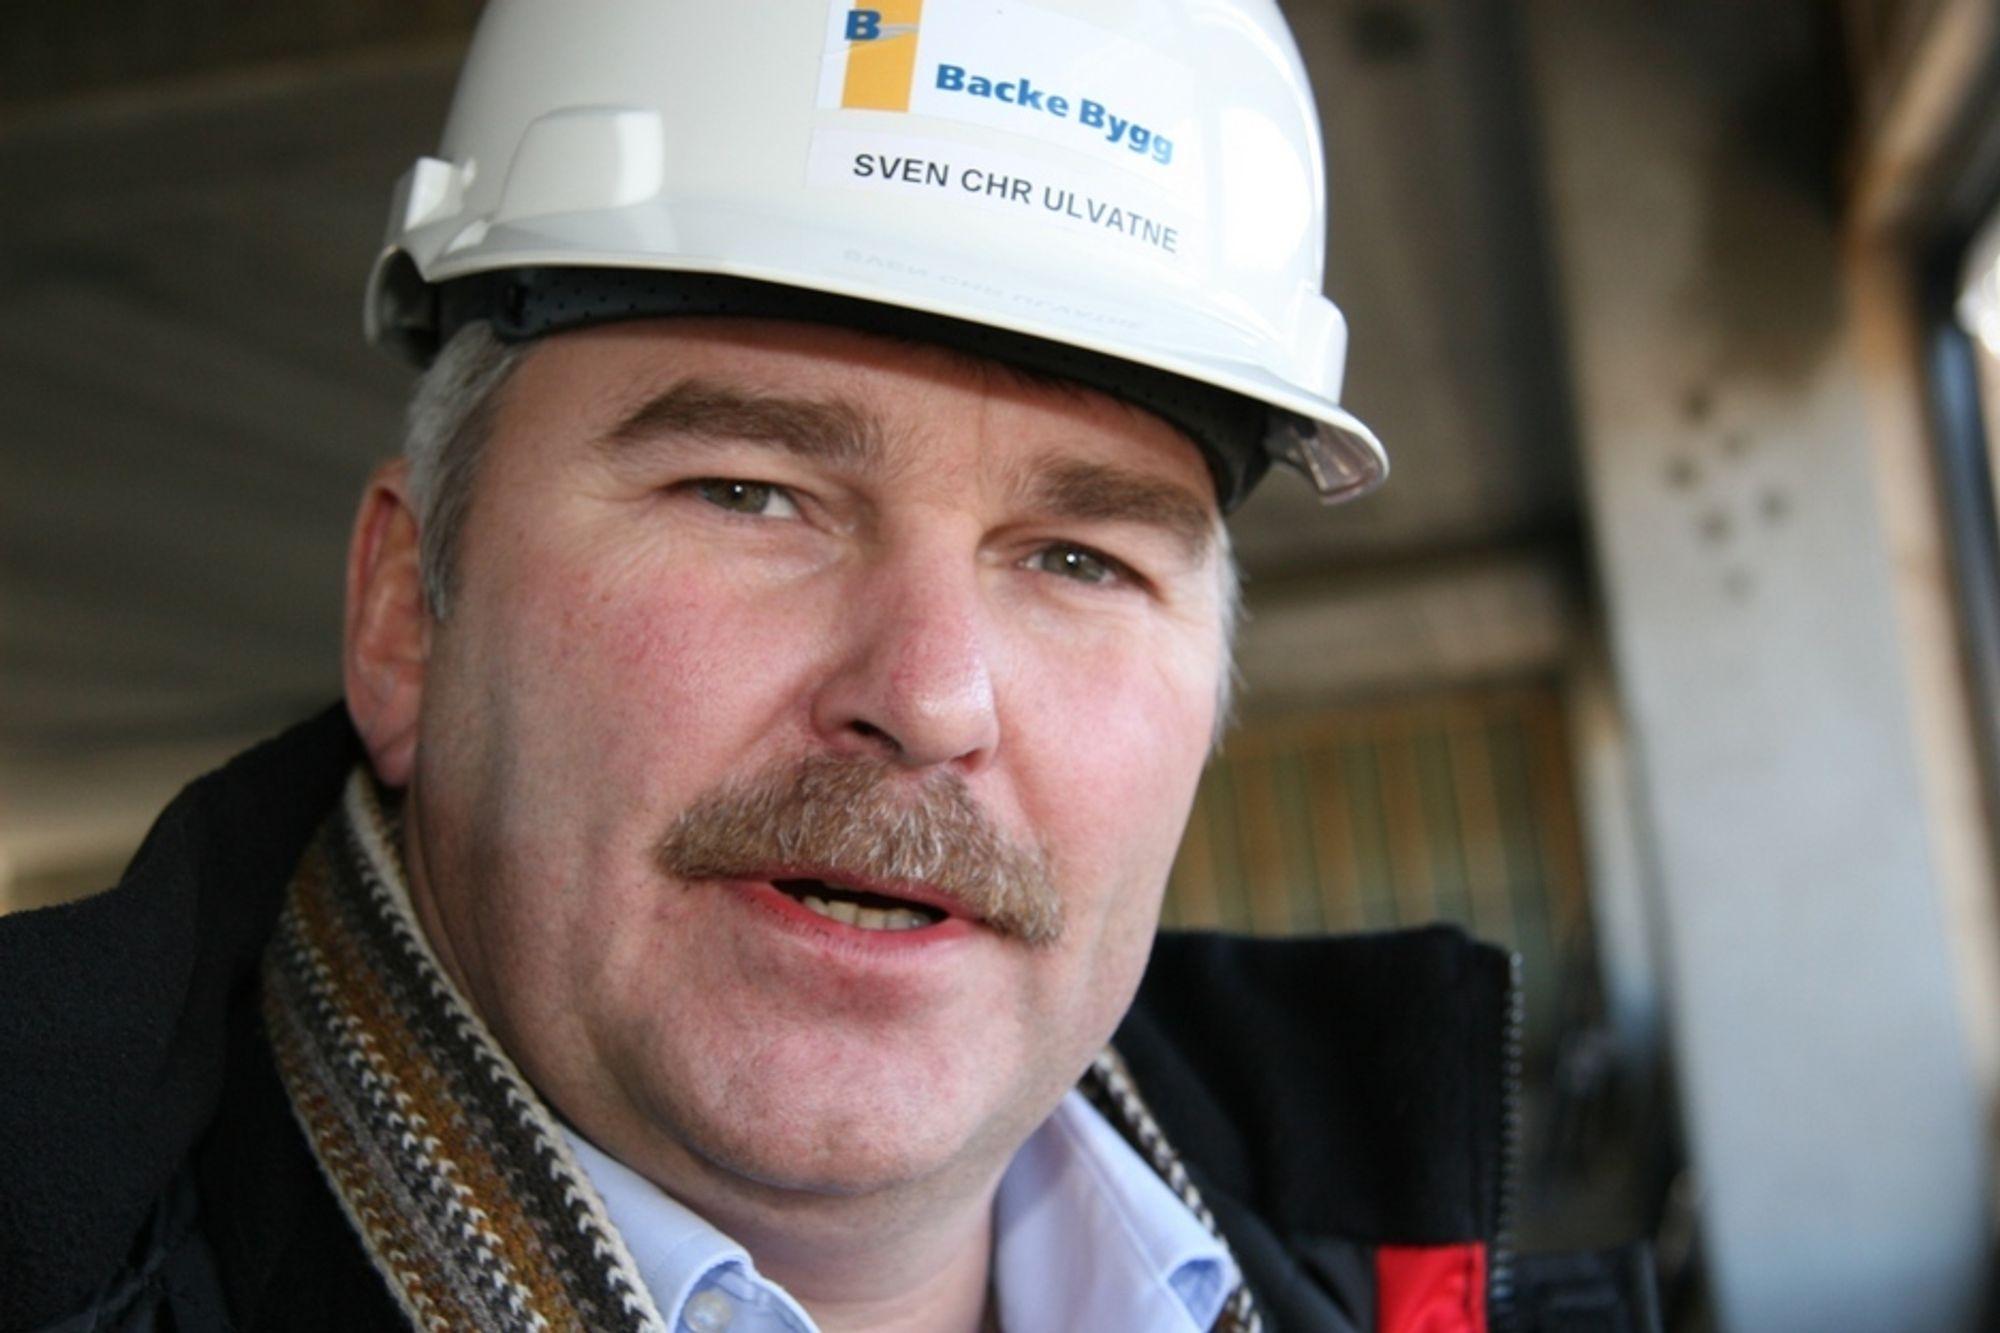 Grunnlegger og adm. dir. Svein Christian Ulvatne i Backe Bygg kan notere seg en ny kontrakt på 250 millioner kroner.